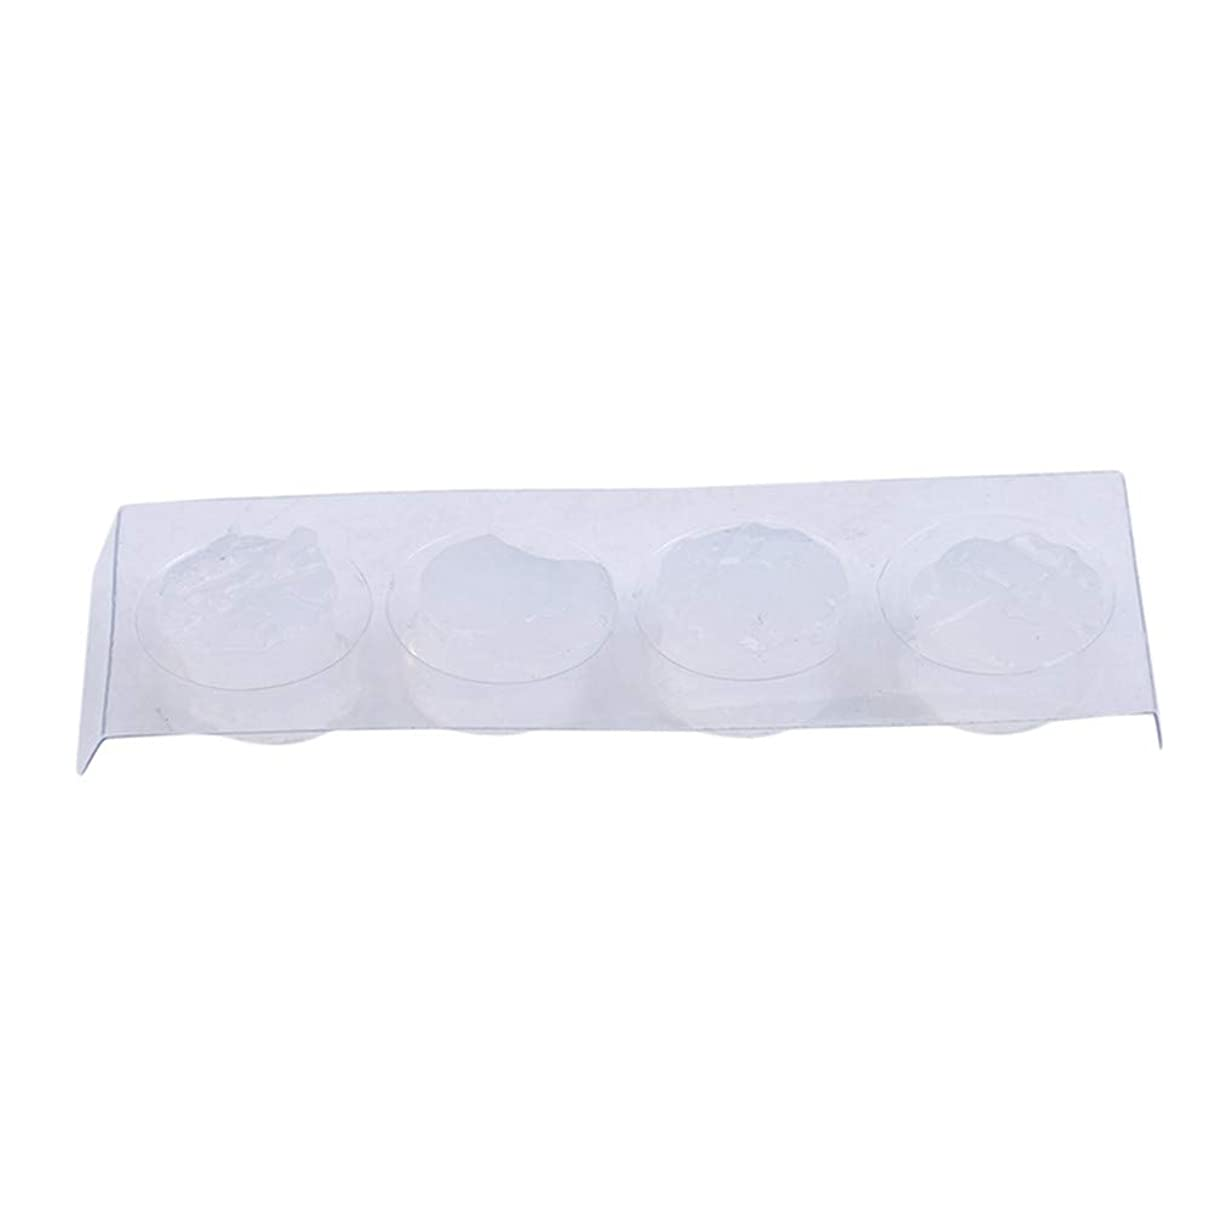 ばかカテゴリー運搬LJSLYJ 騒音防止の防音の防音の耳栓に対する静かなシリコーンの水泳の耳栓静かな保護聴覚の耳栓